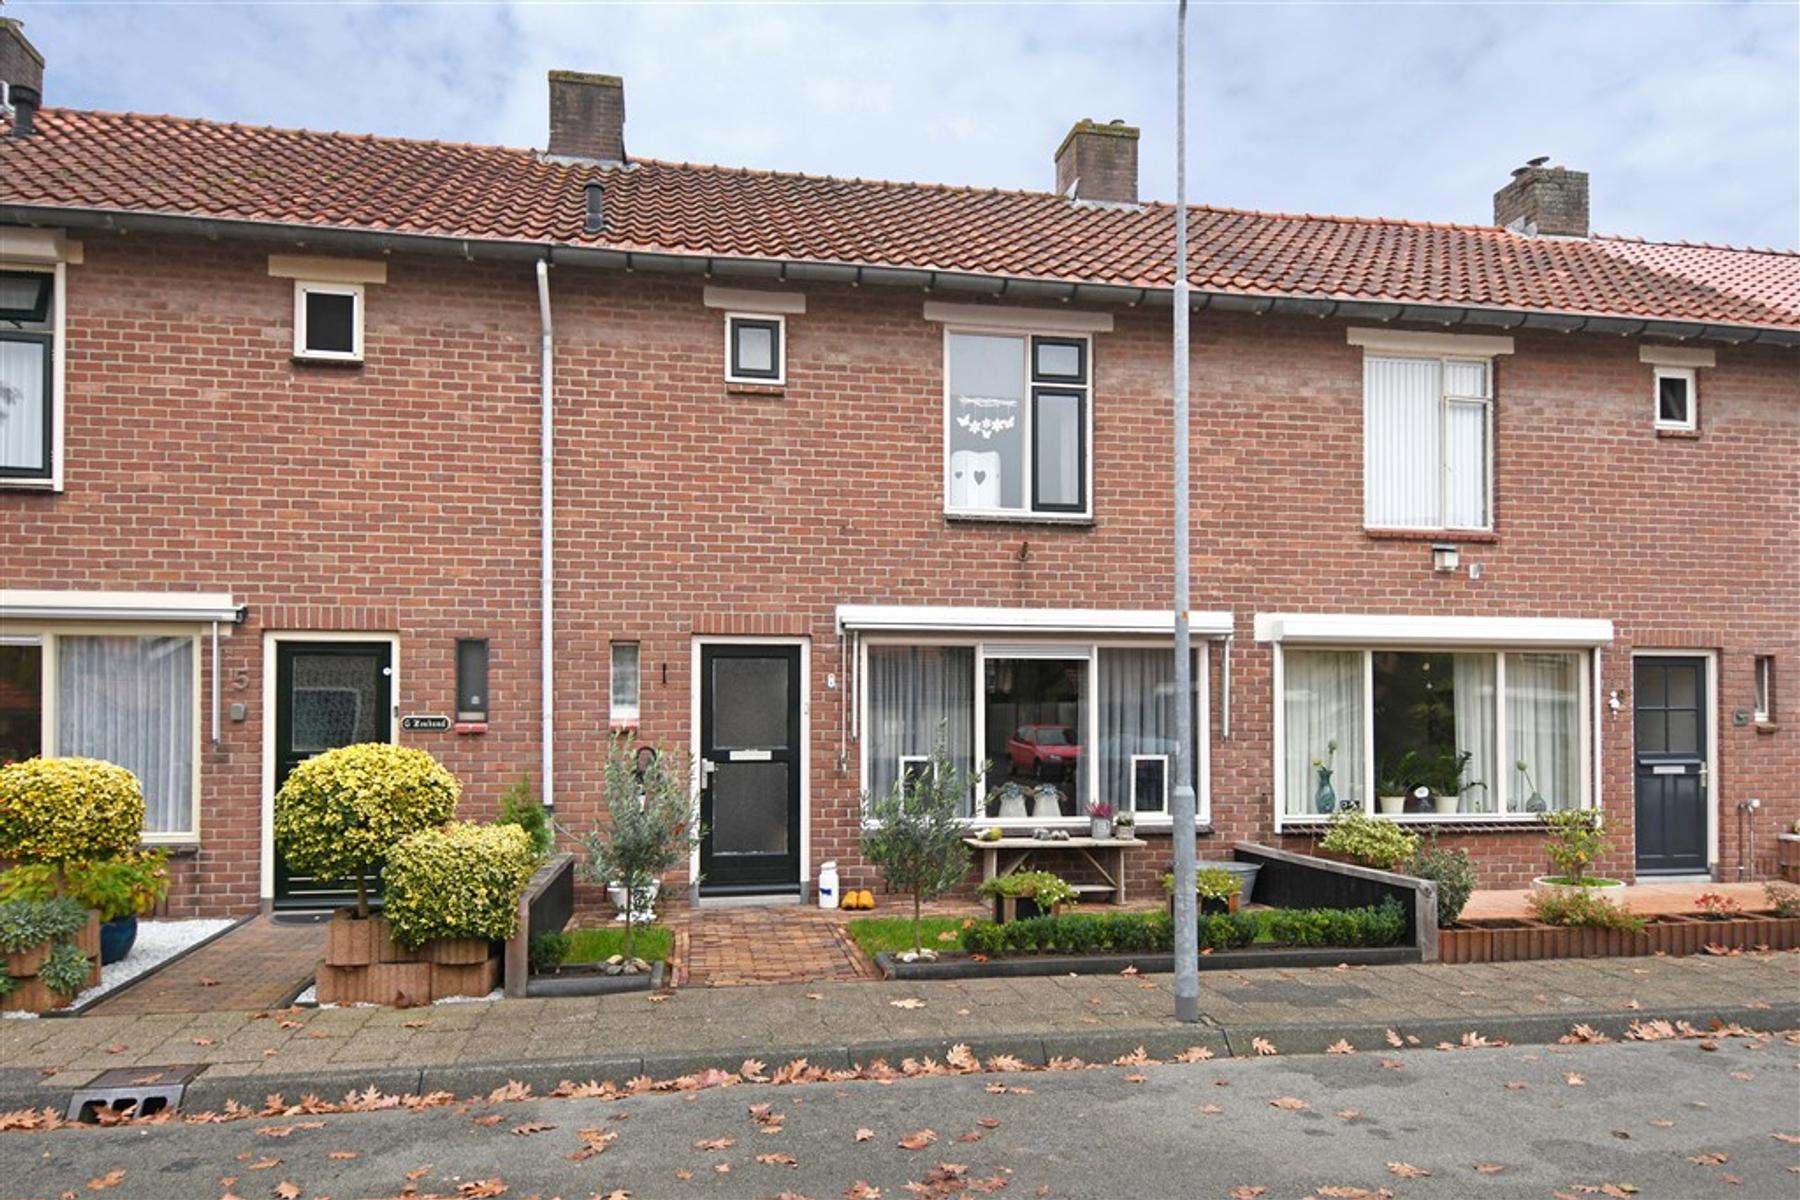 Hertog Arnoldweg 7 in 'T Harde 8084 VT